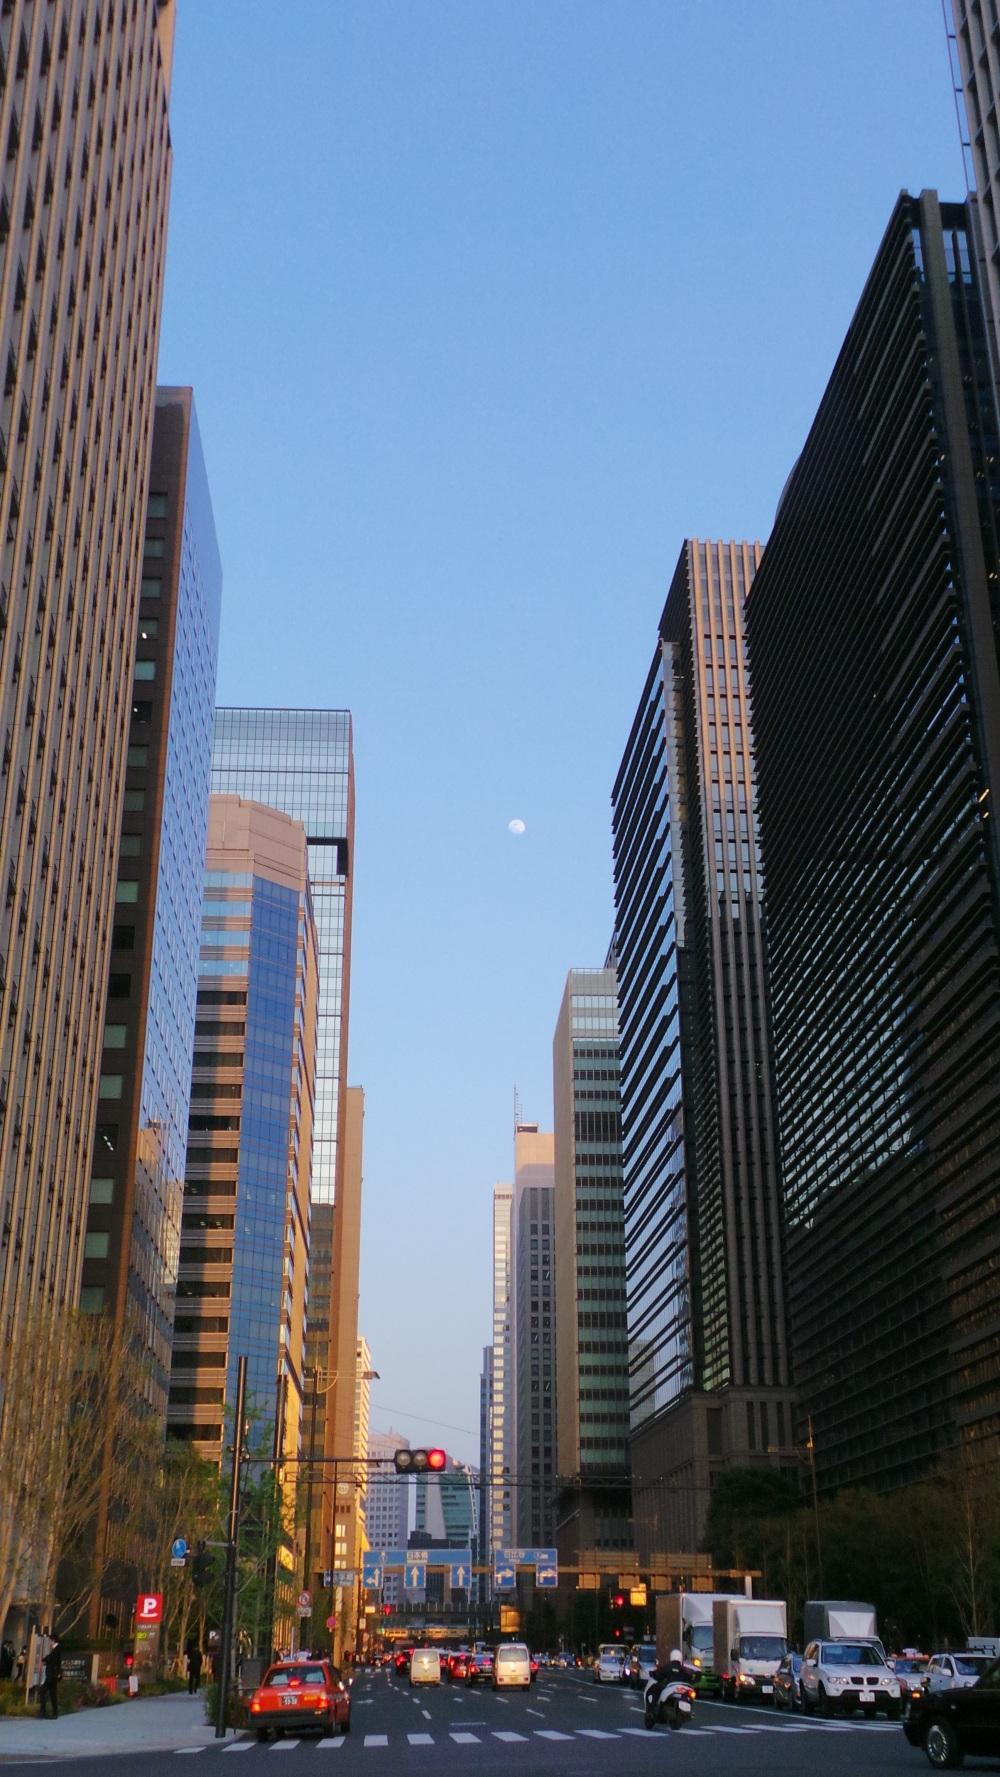 La skyline de Ginza, quartier à voir de Tokyo, Japon.